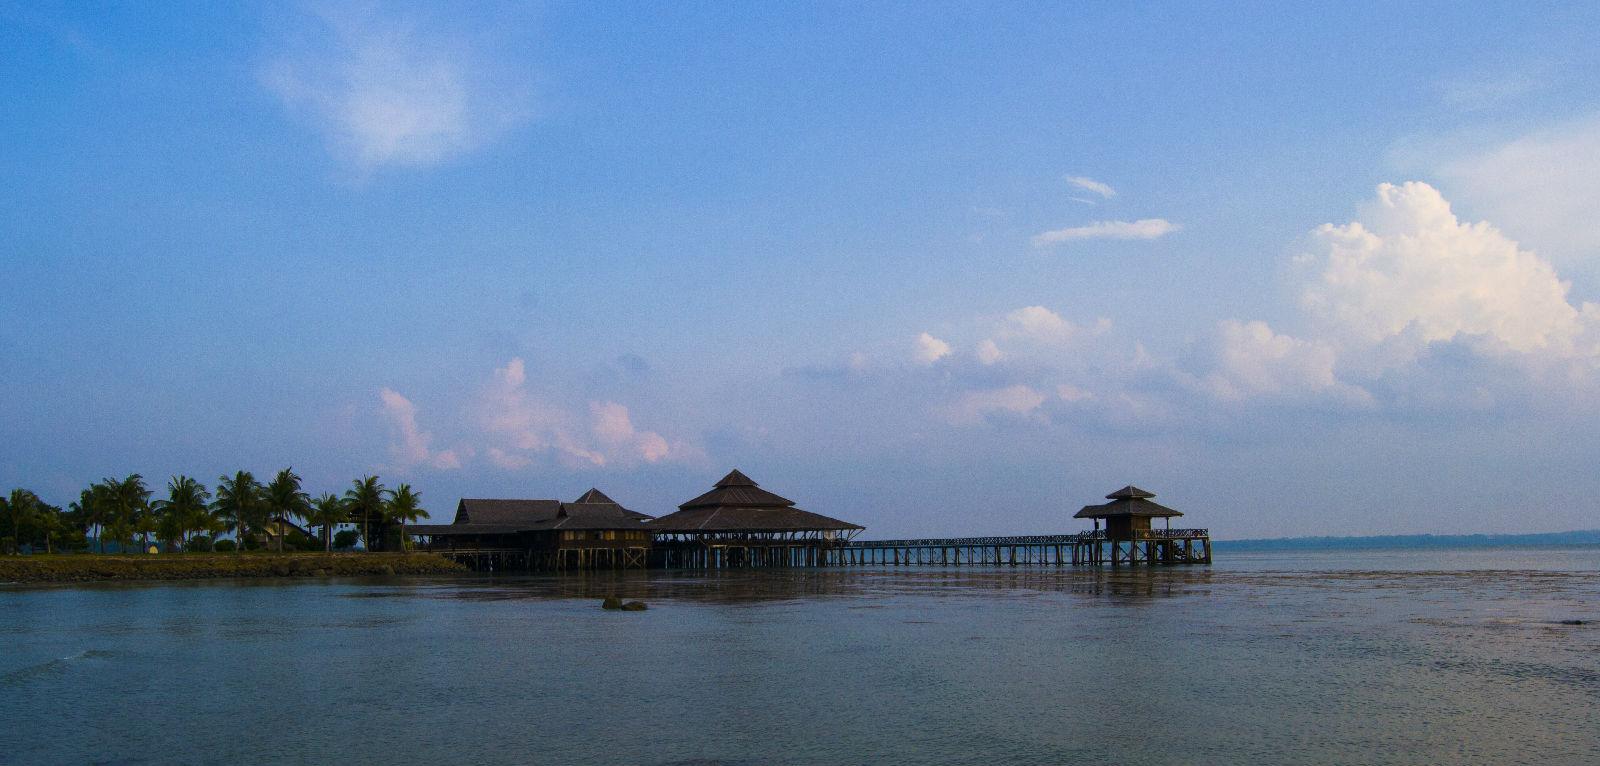 印尼民丹岛 退潮后的海边餐厅,十分宁静.图片